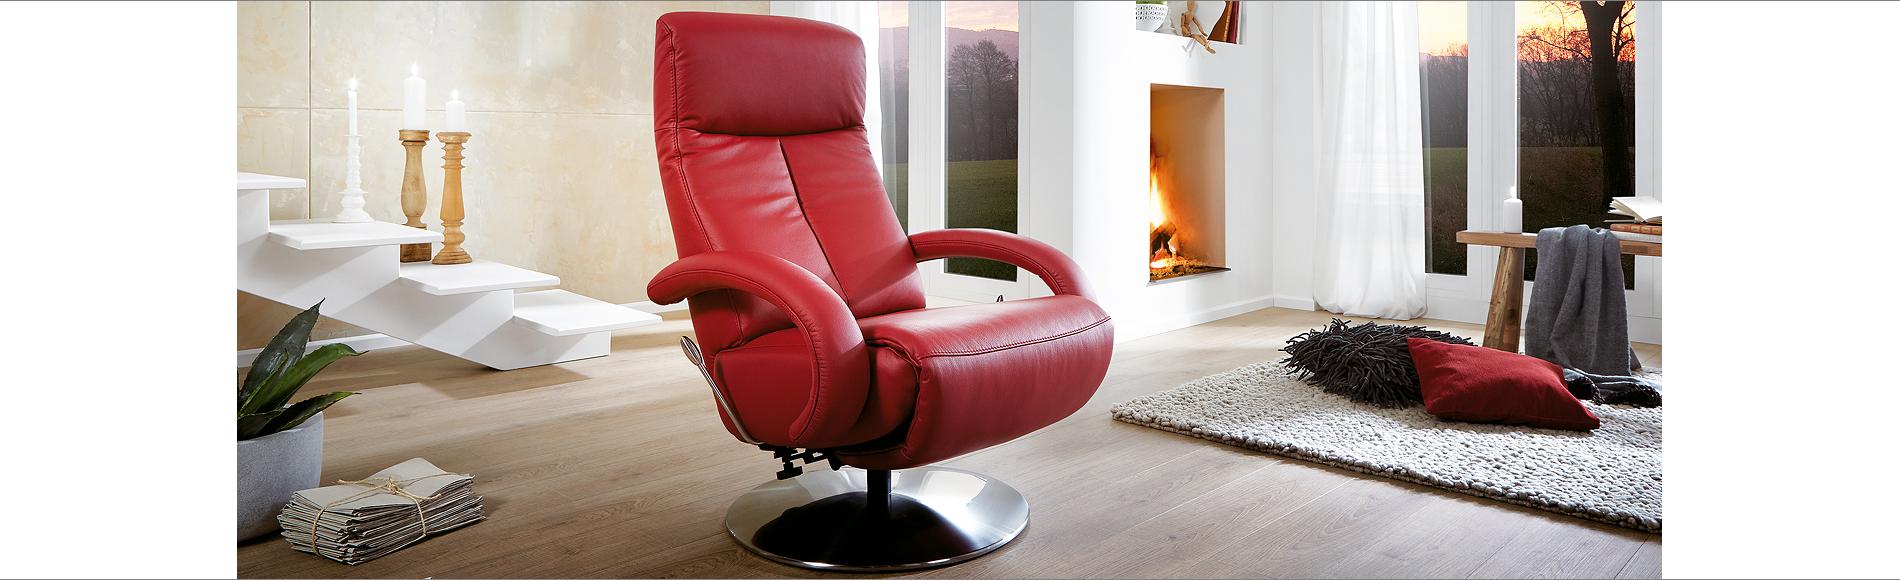 Relaxsessel, Ruhesessel günstig kaufen bei Robin Hood Möbel & Küchen in Donaueschingen